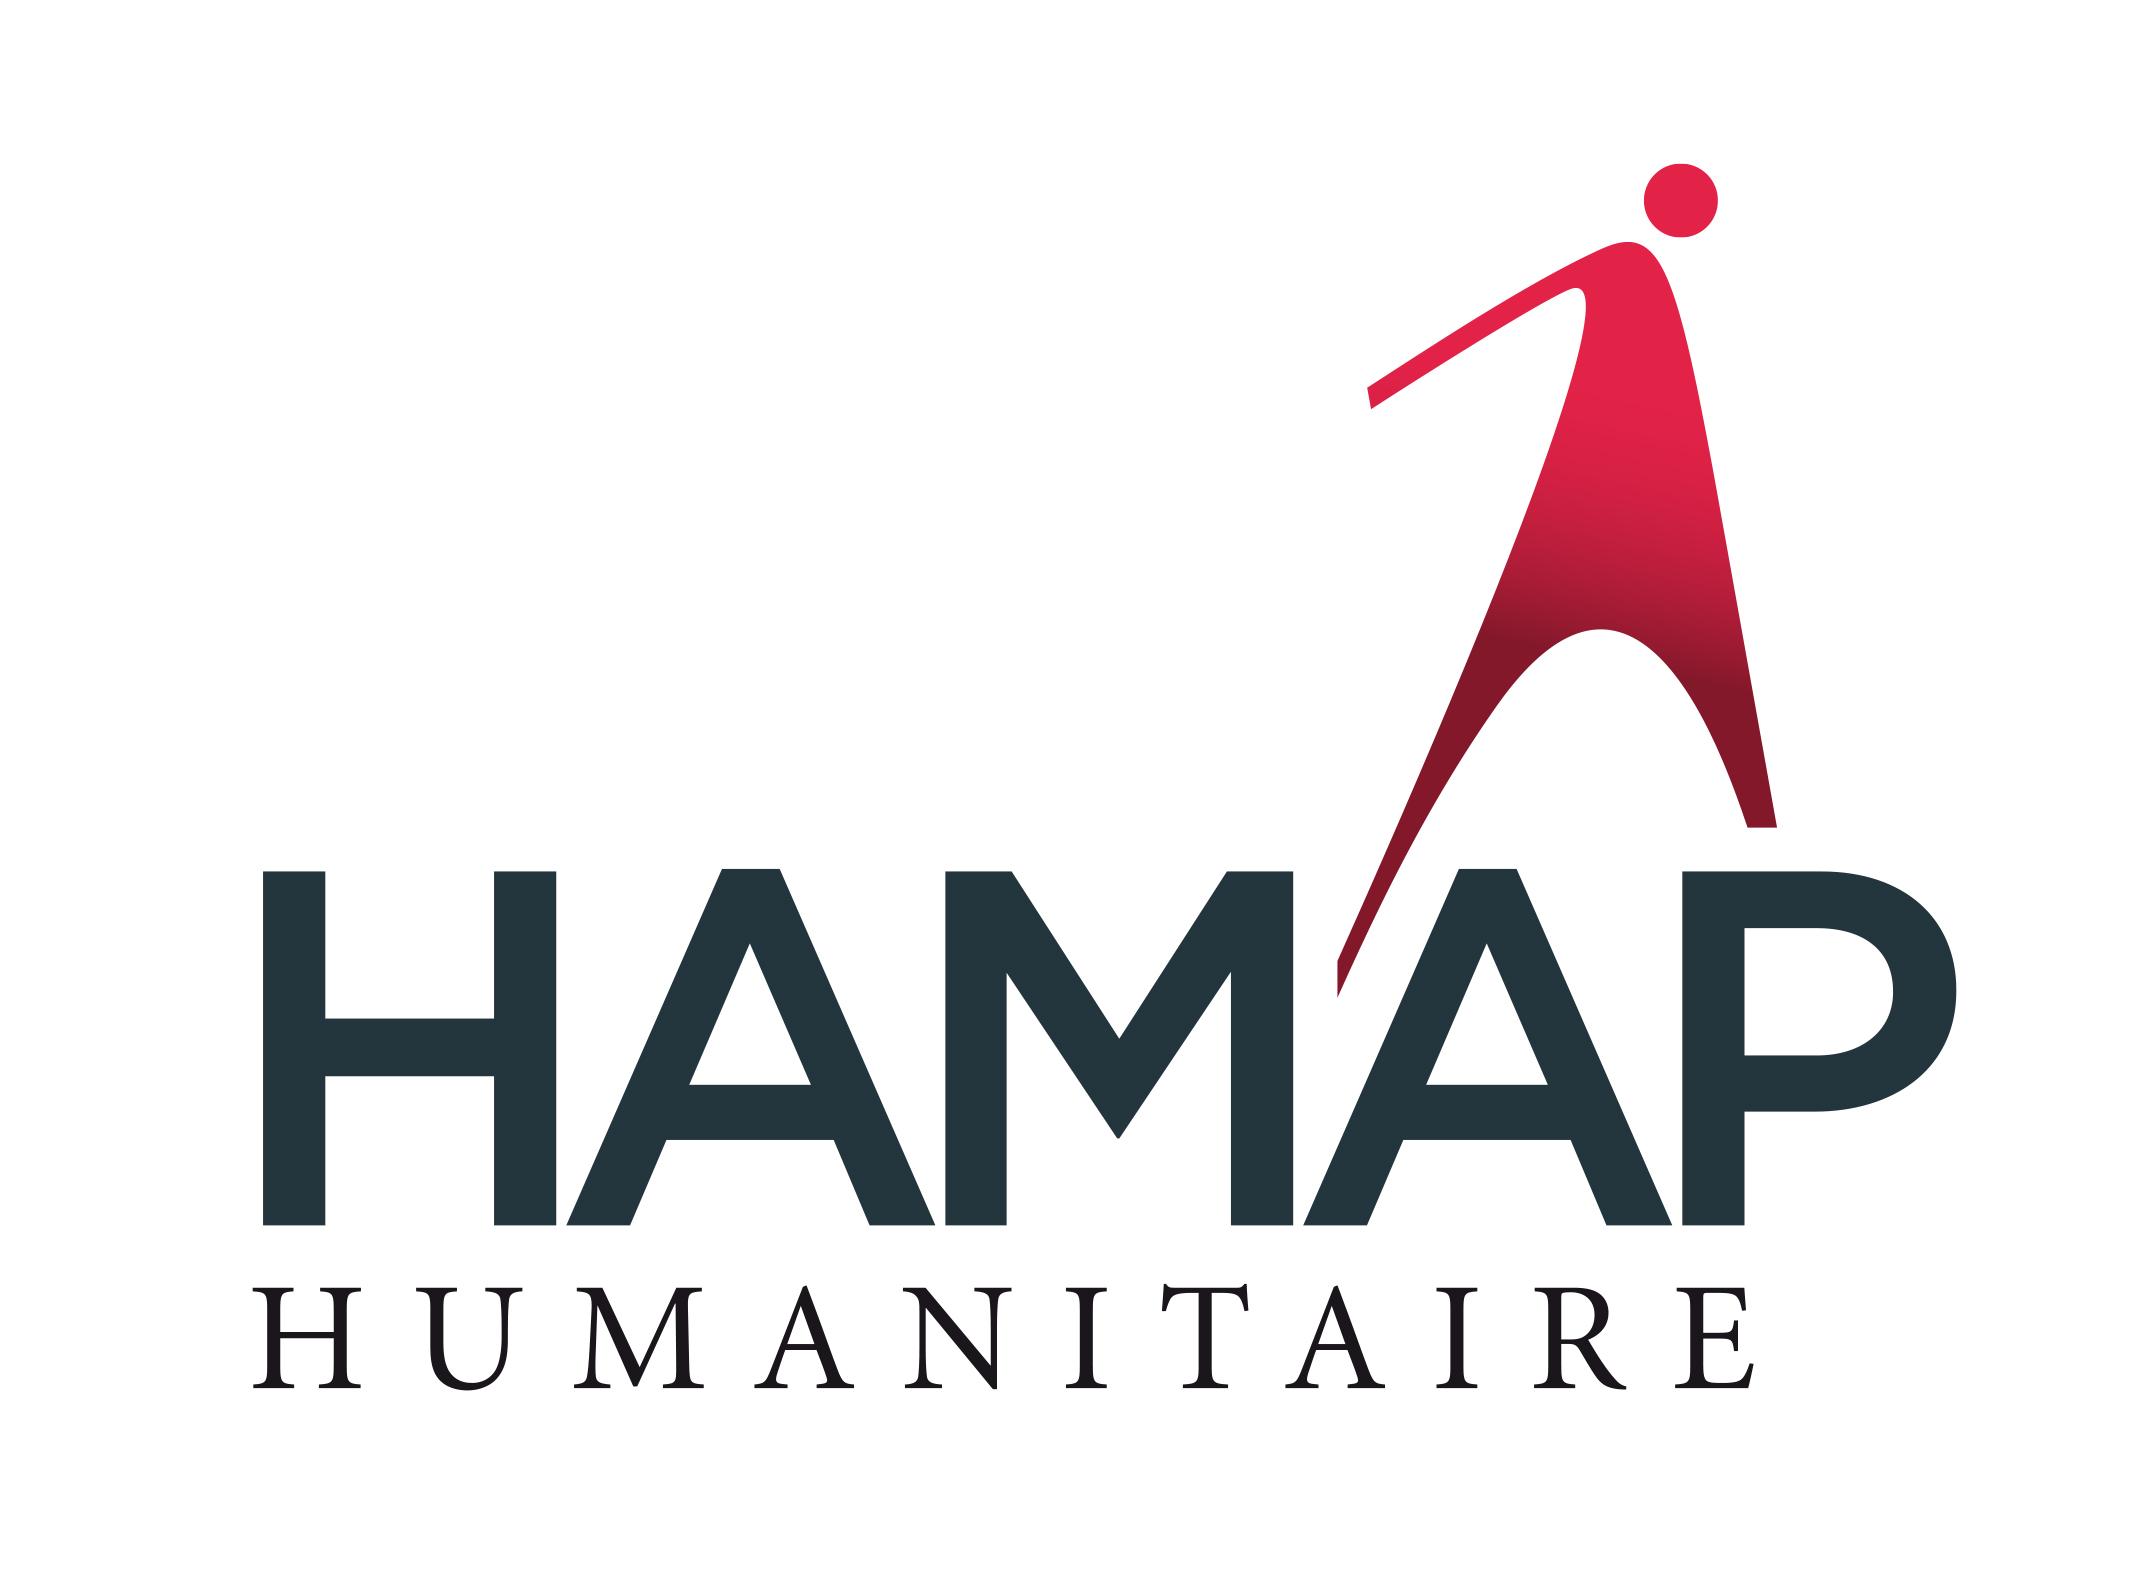 hamap